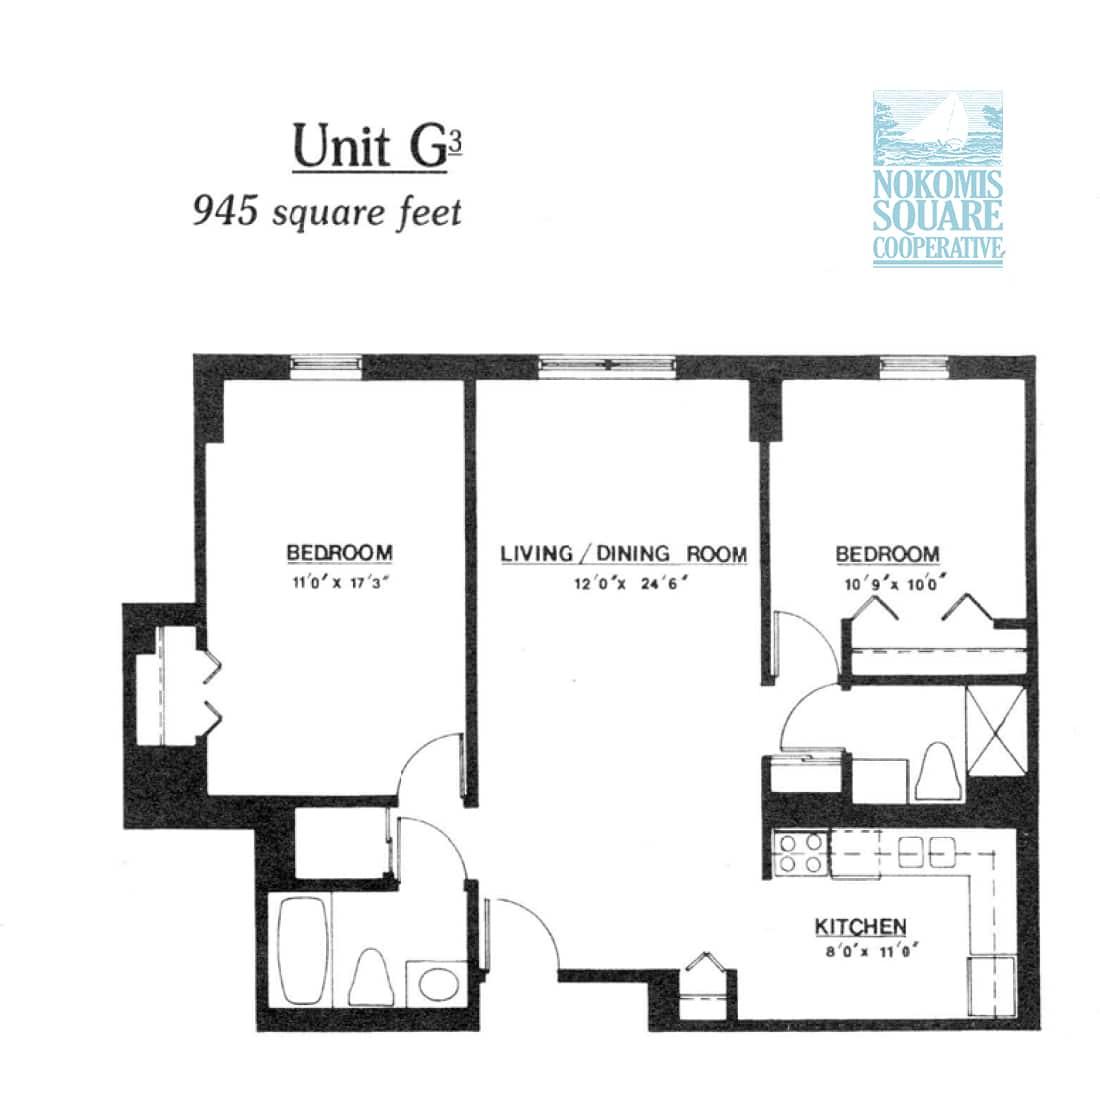 2 br Floorplan Unit G3 - Nokomis Square Senior Cooperative